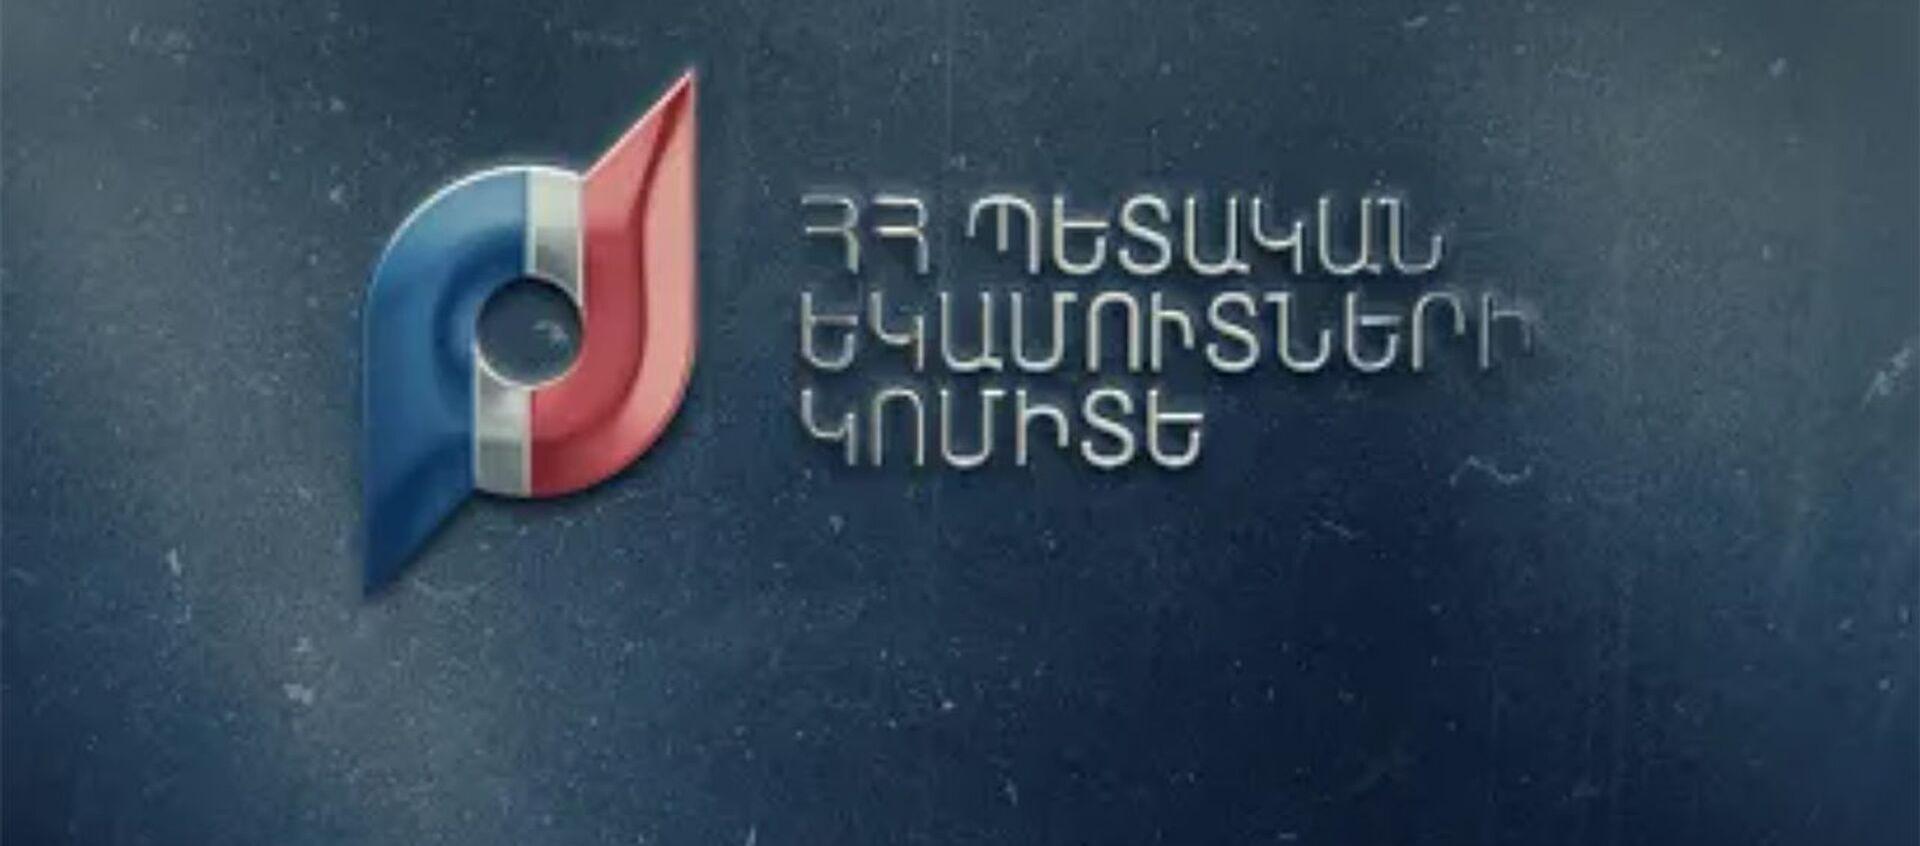 ՊԵԿ-ը բացահայտել է համացանցի միջոցով առևտրի անօրինական գործունեության դեպք - Sputnik Արմենիա, 1920, 22.06.2021